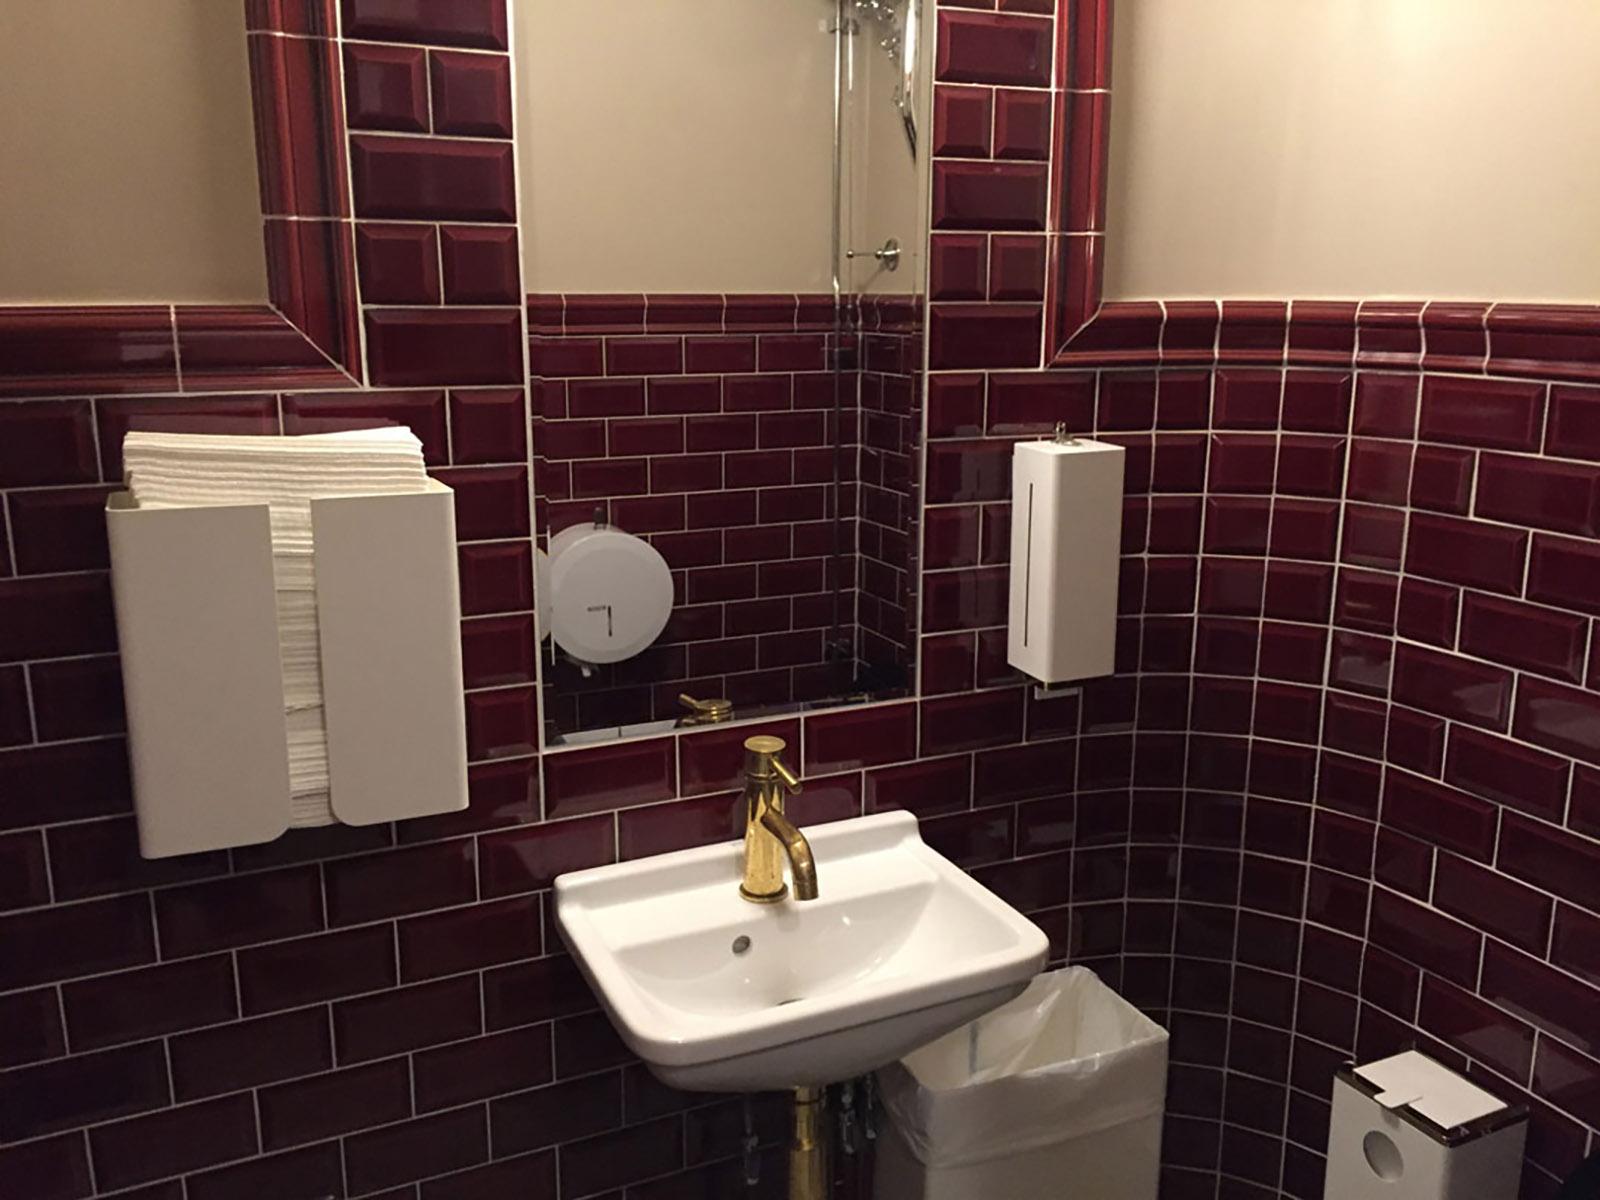 Tack vare våra kunniga hantverkare och plattsättare kan vi alltid leverera ett exemplariskt slutresultat vid både plattsättning som badrumsrenovering i Linköping. Här har vi renoverat ett badrum på Teatern i Linköping exempelvis!